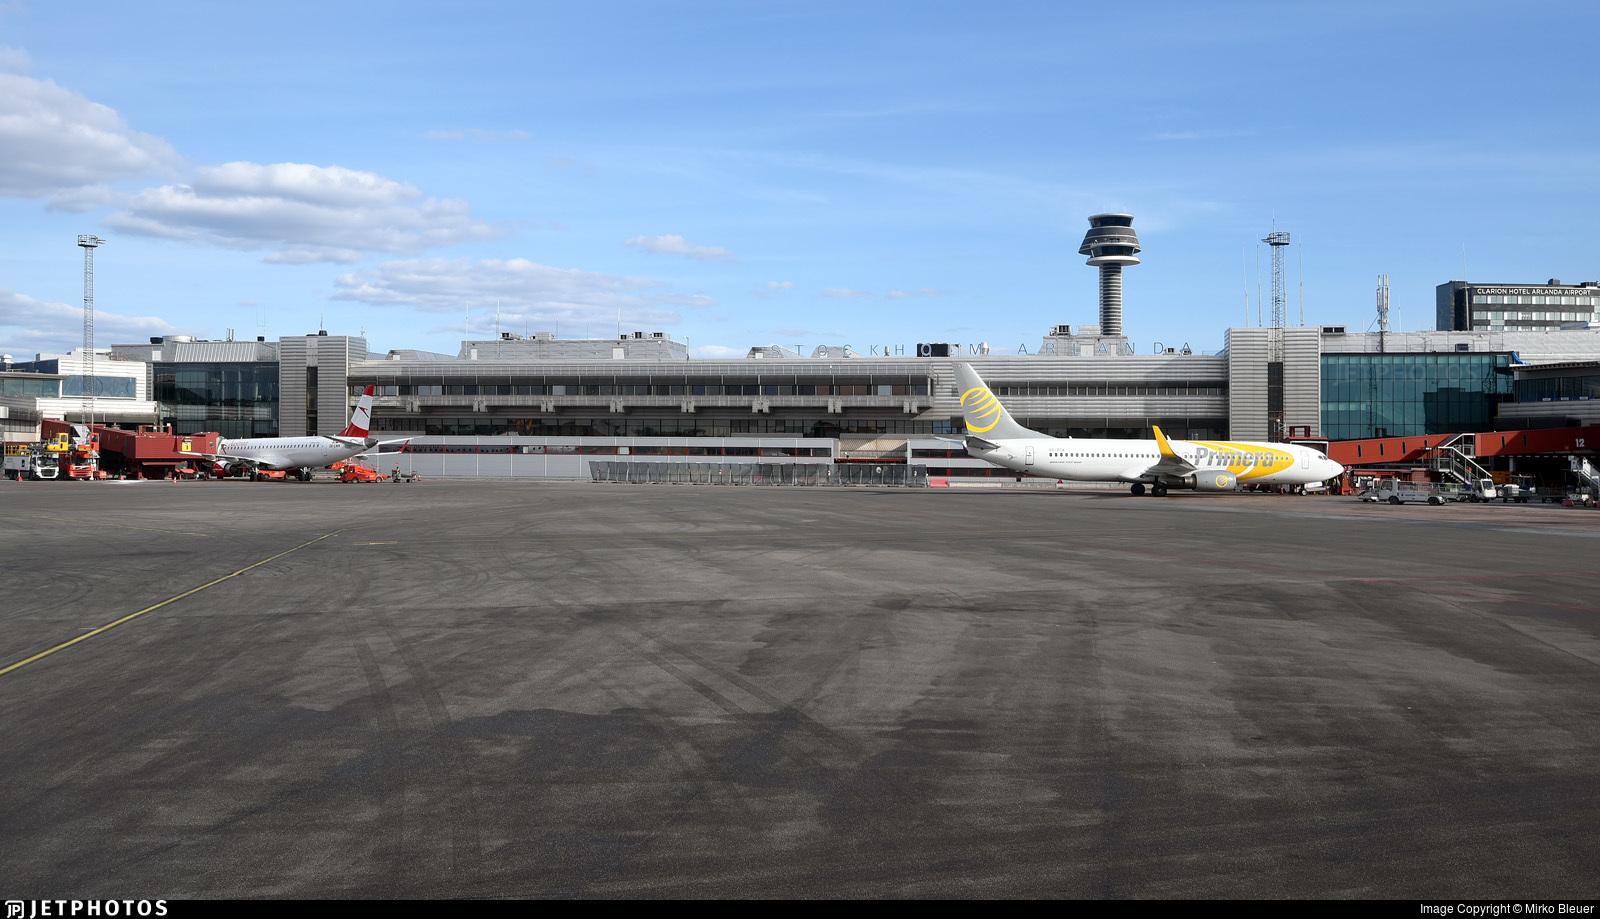 ESSA - Airport - Ramp